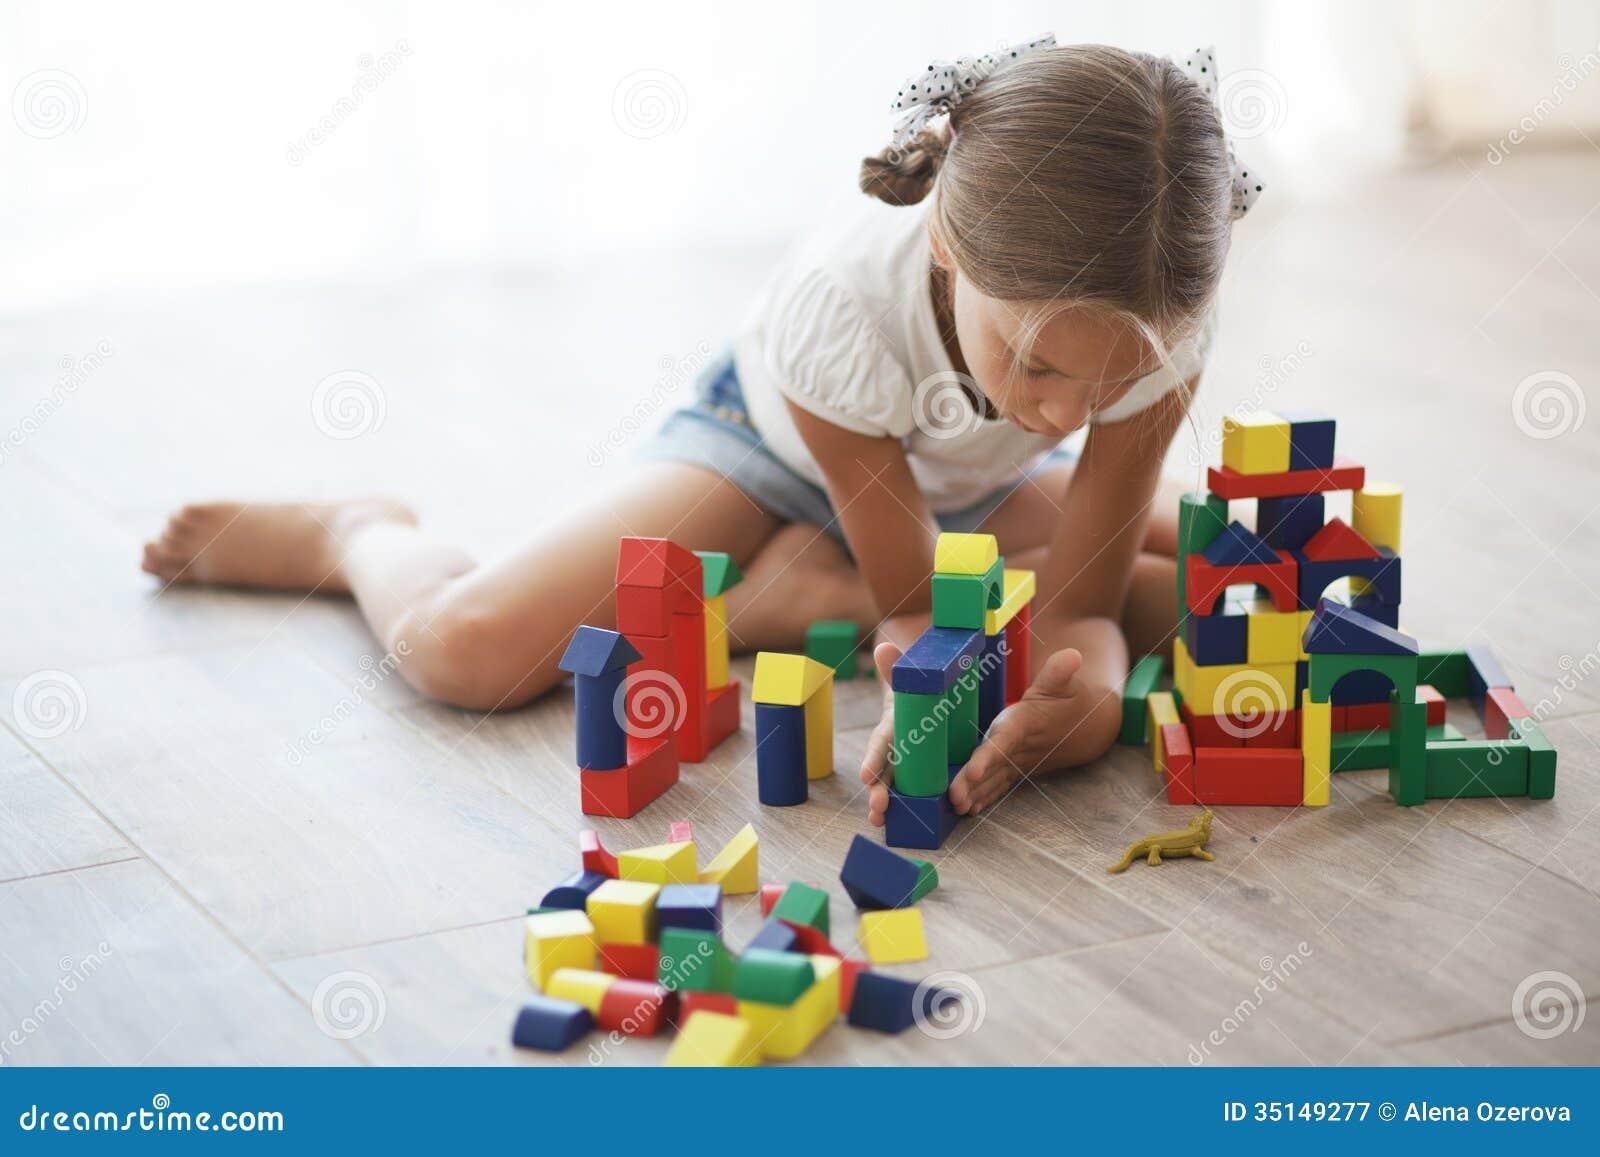 Dziecko bawić się z blokami